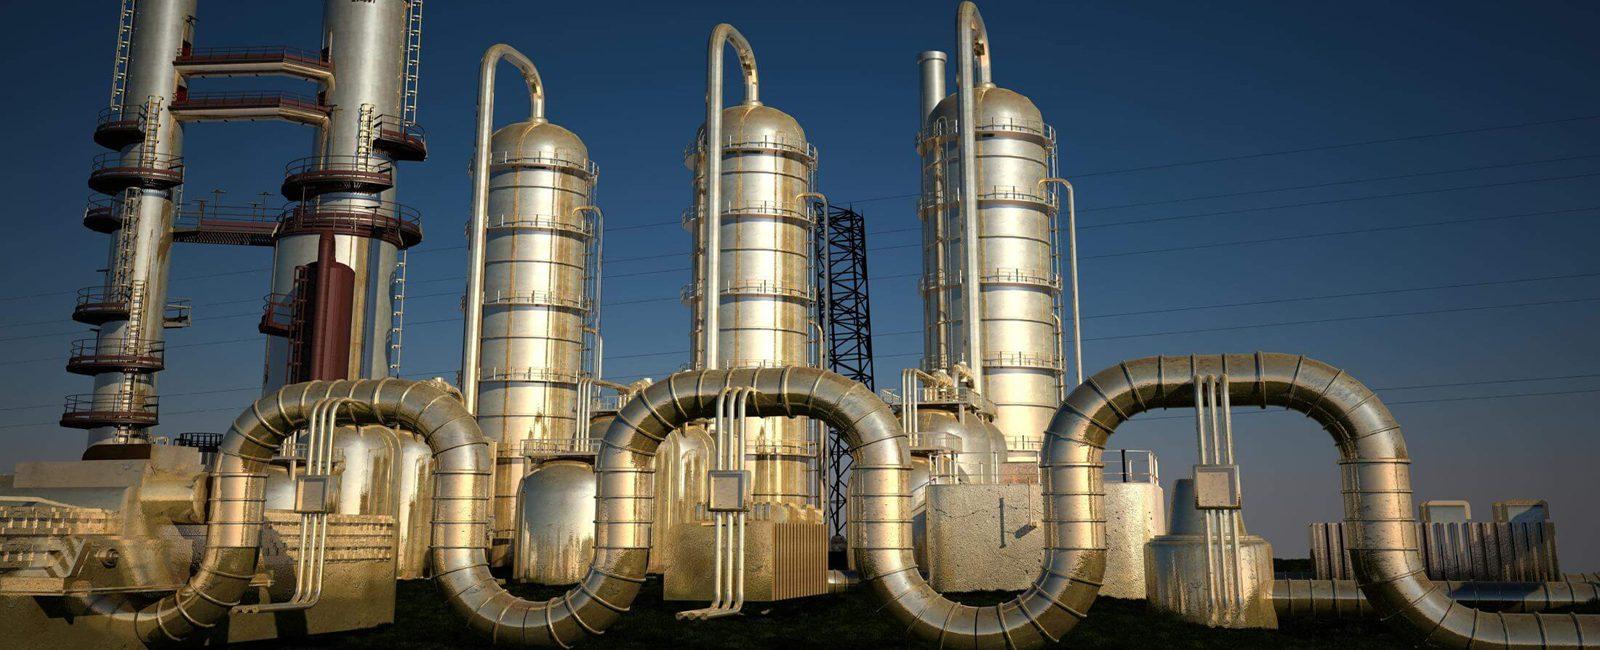 Производство трубопроводов и резервуаров под давлением